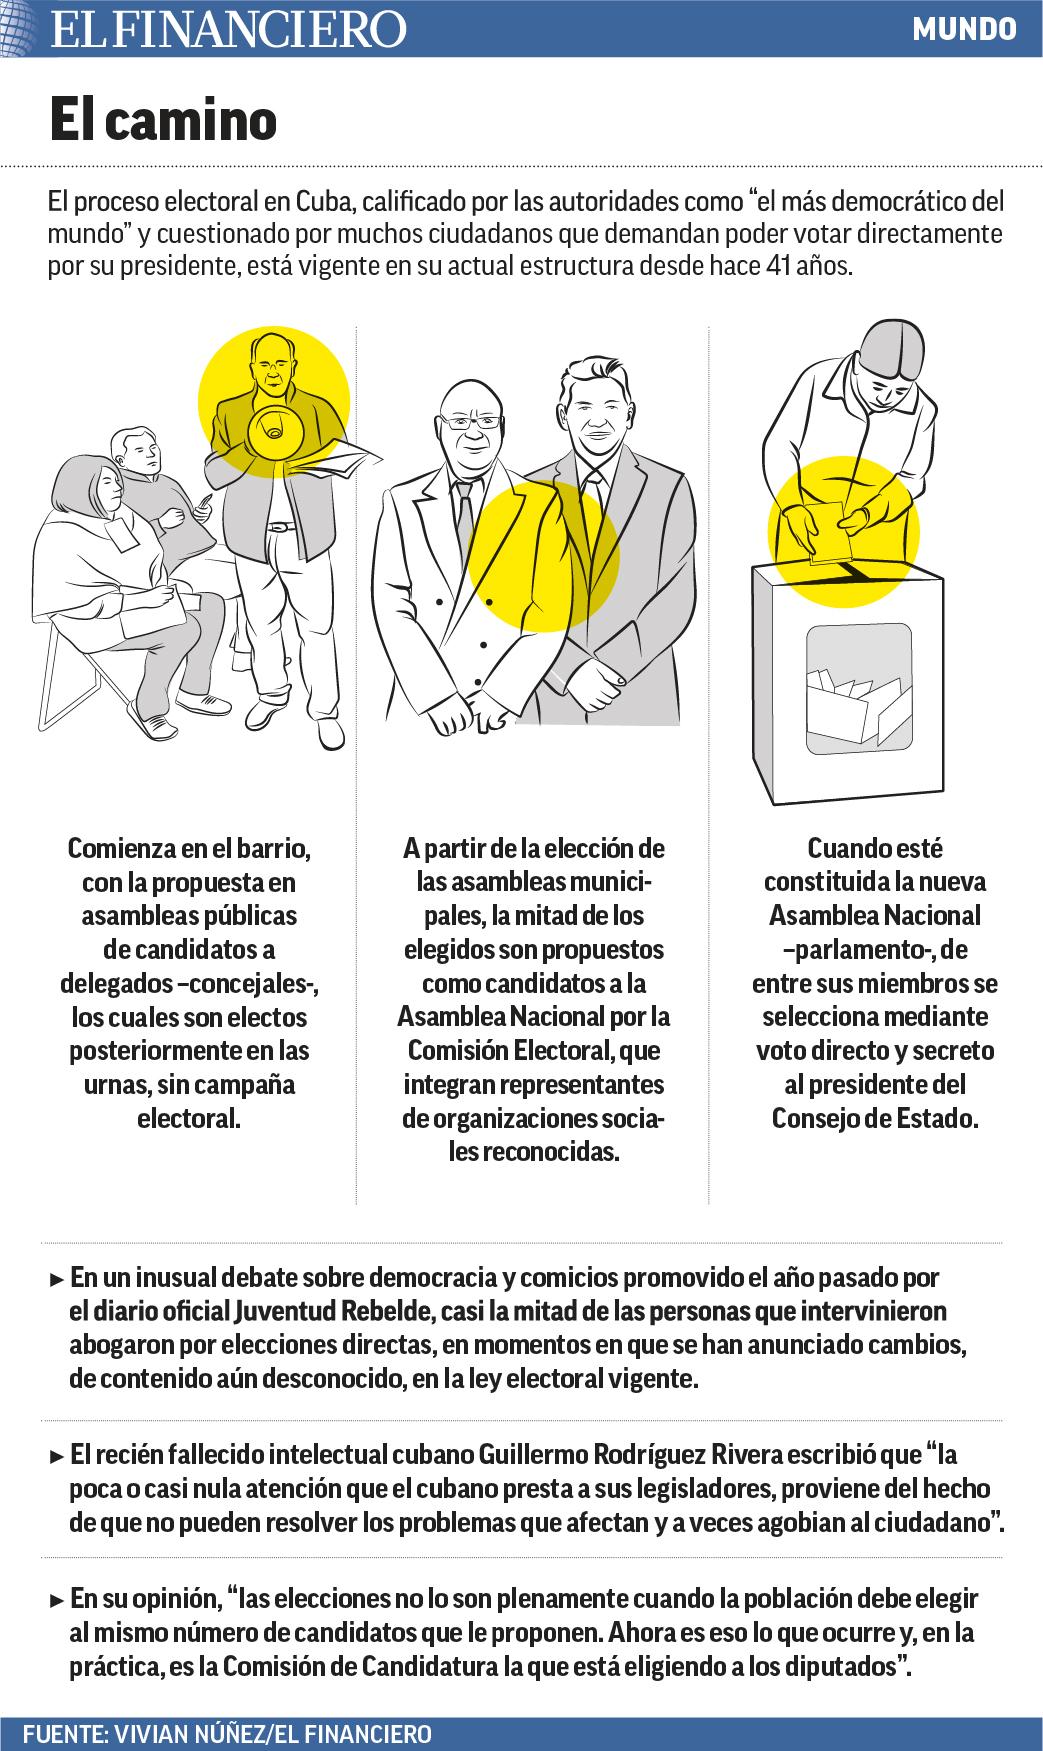 Proceso_electoral_cuba.jpg